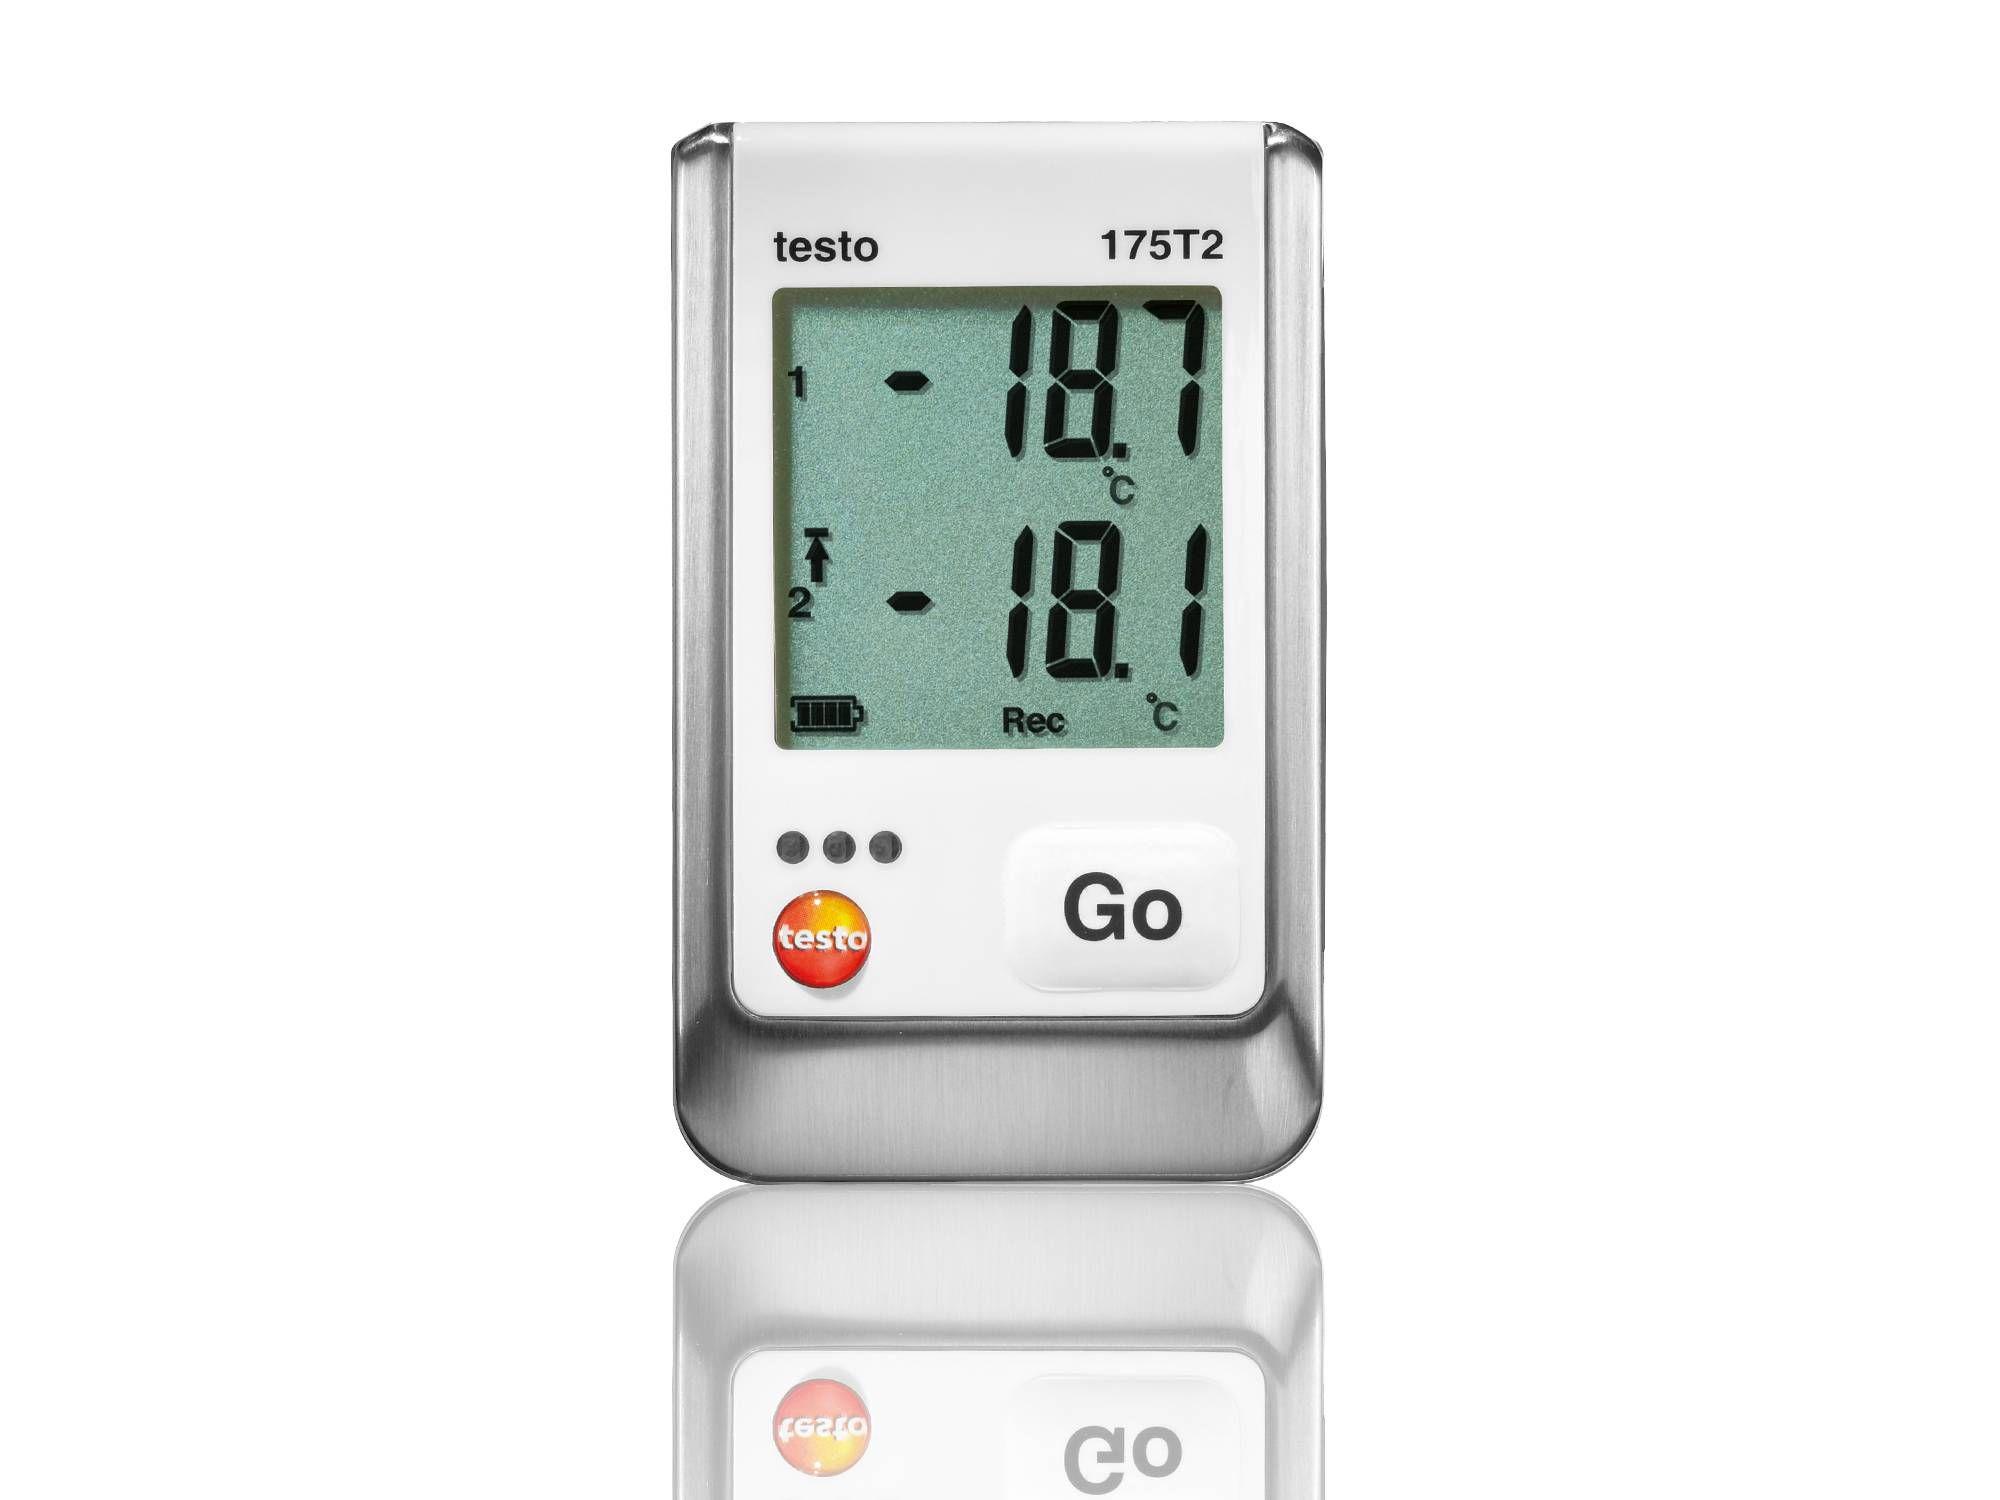 Enregistreur de données de température pour le stockage de denrées alimentaires testo 175 T2